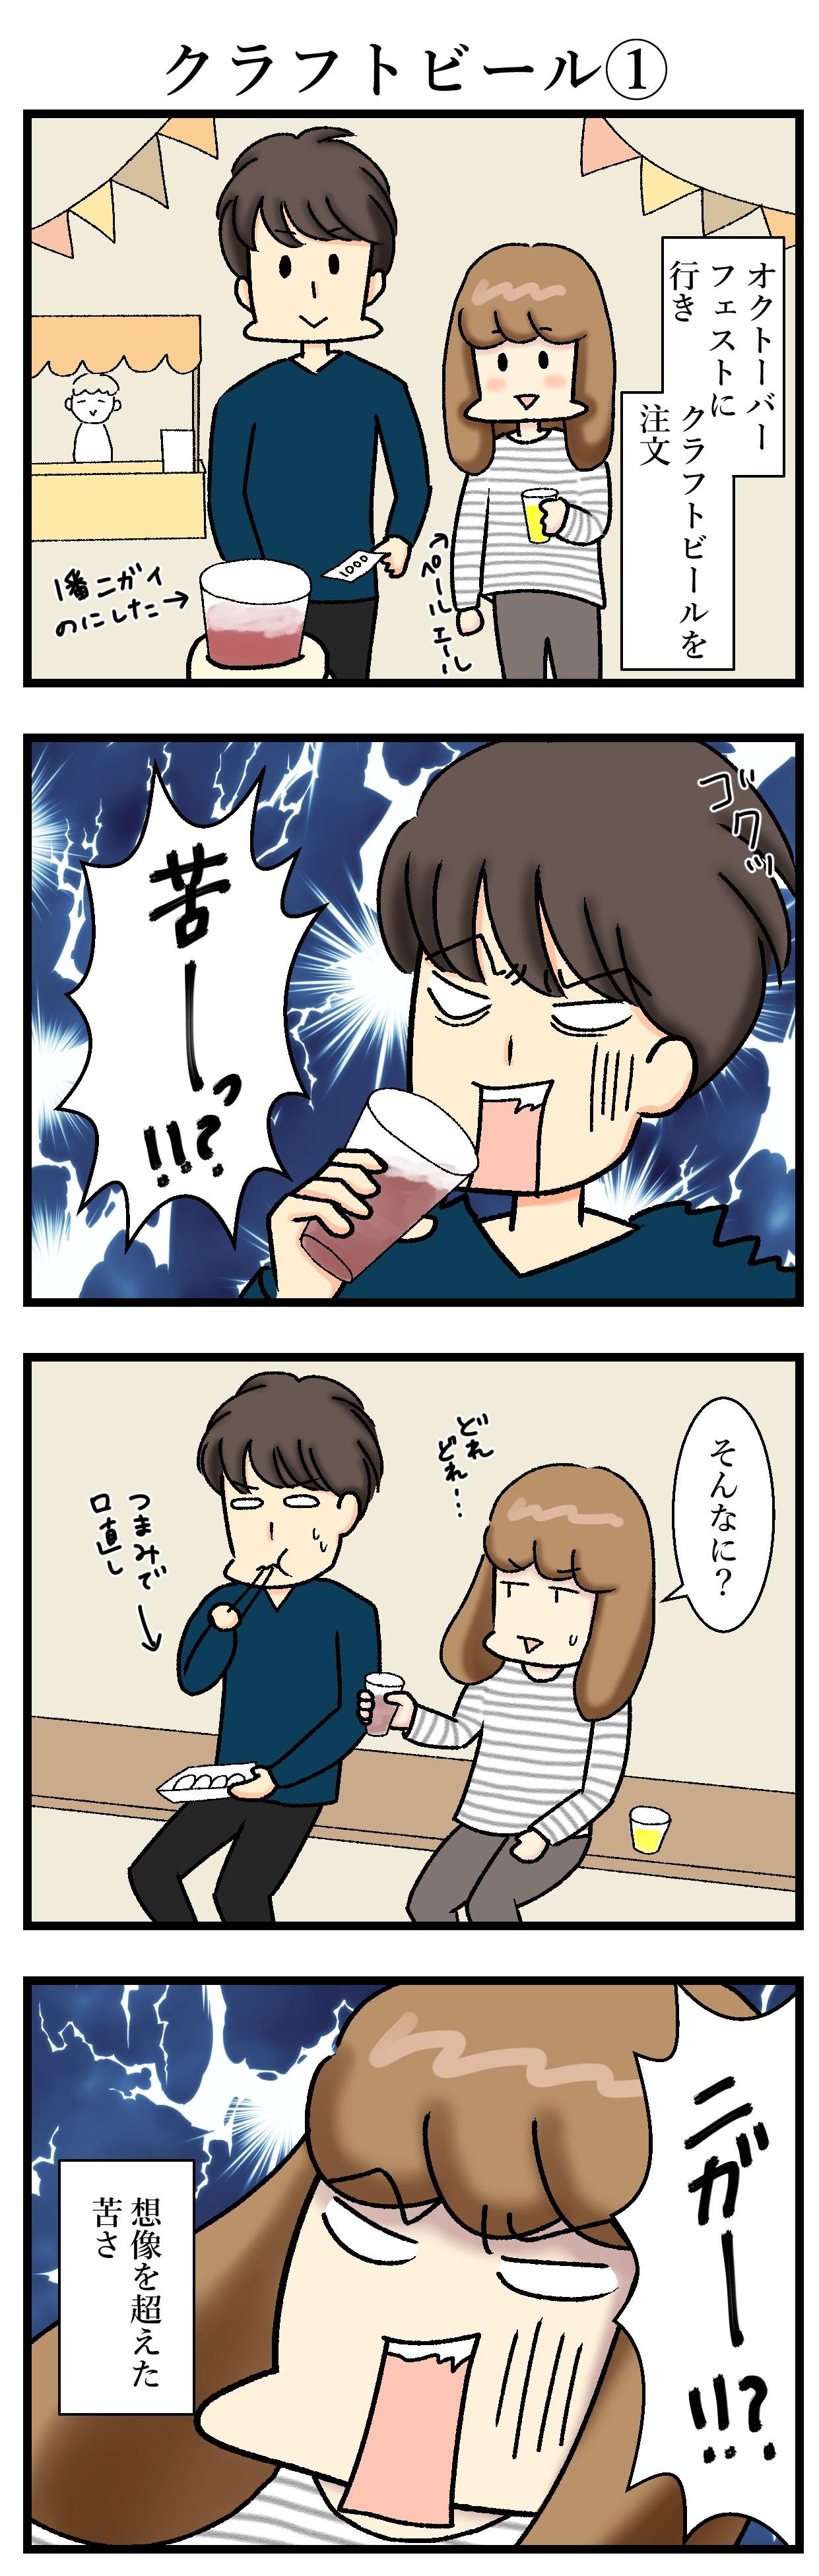 【エッセイ漫画】アラサー主婦くま子のふがいない日常(66)